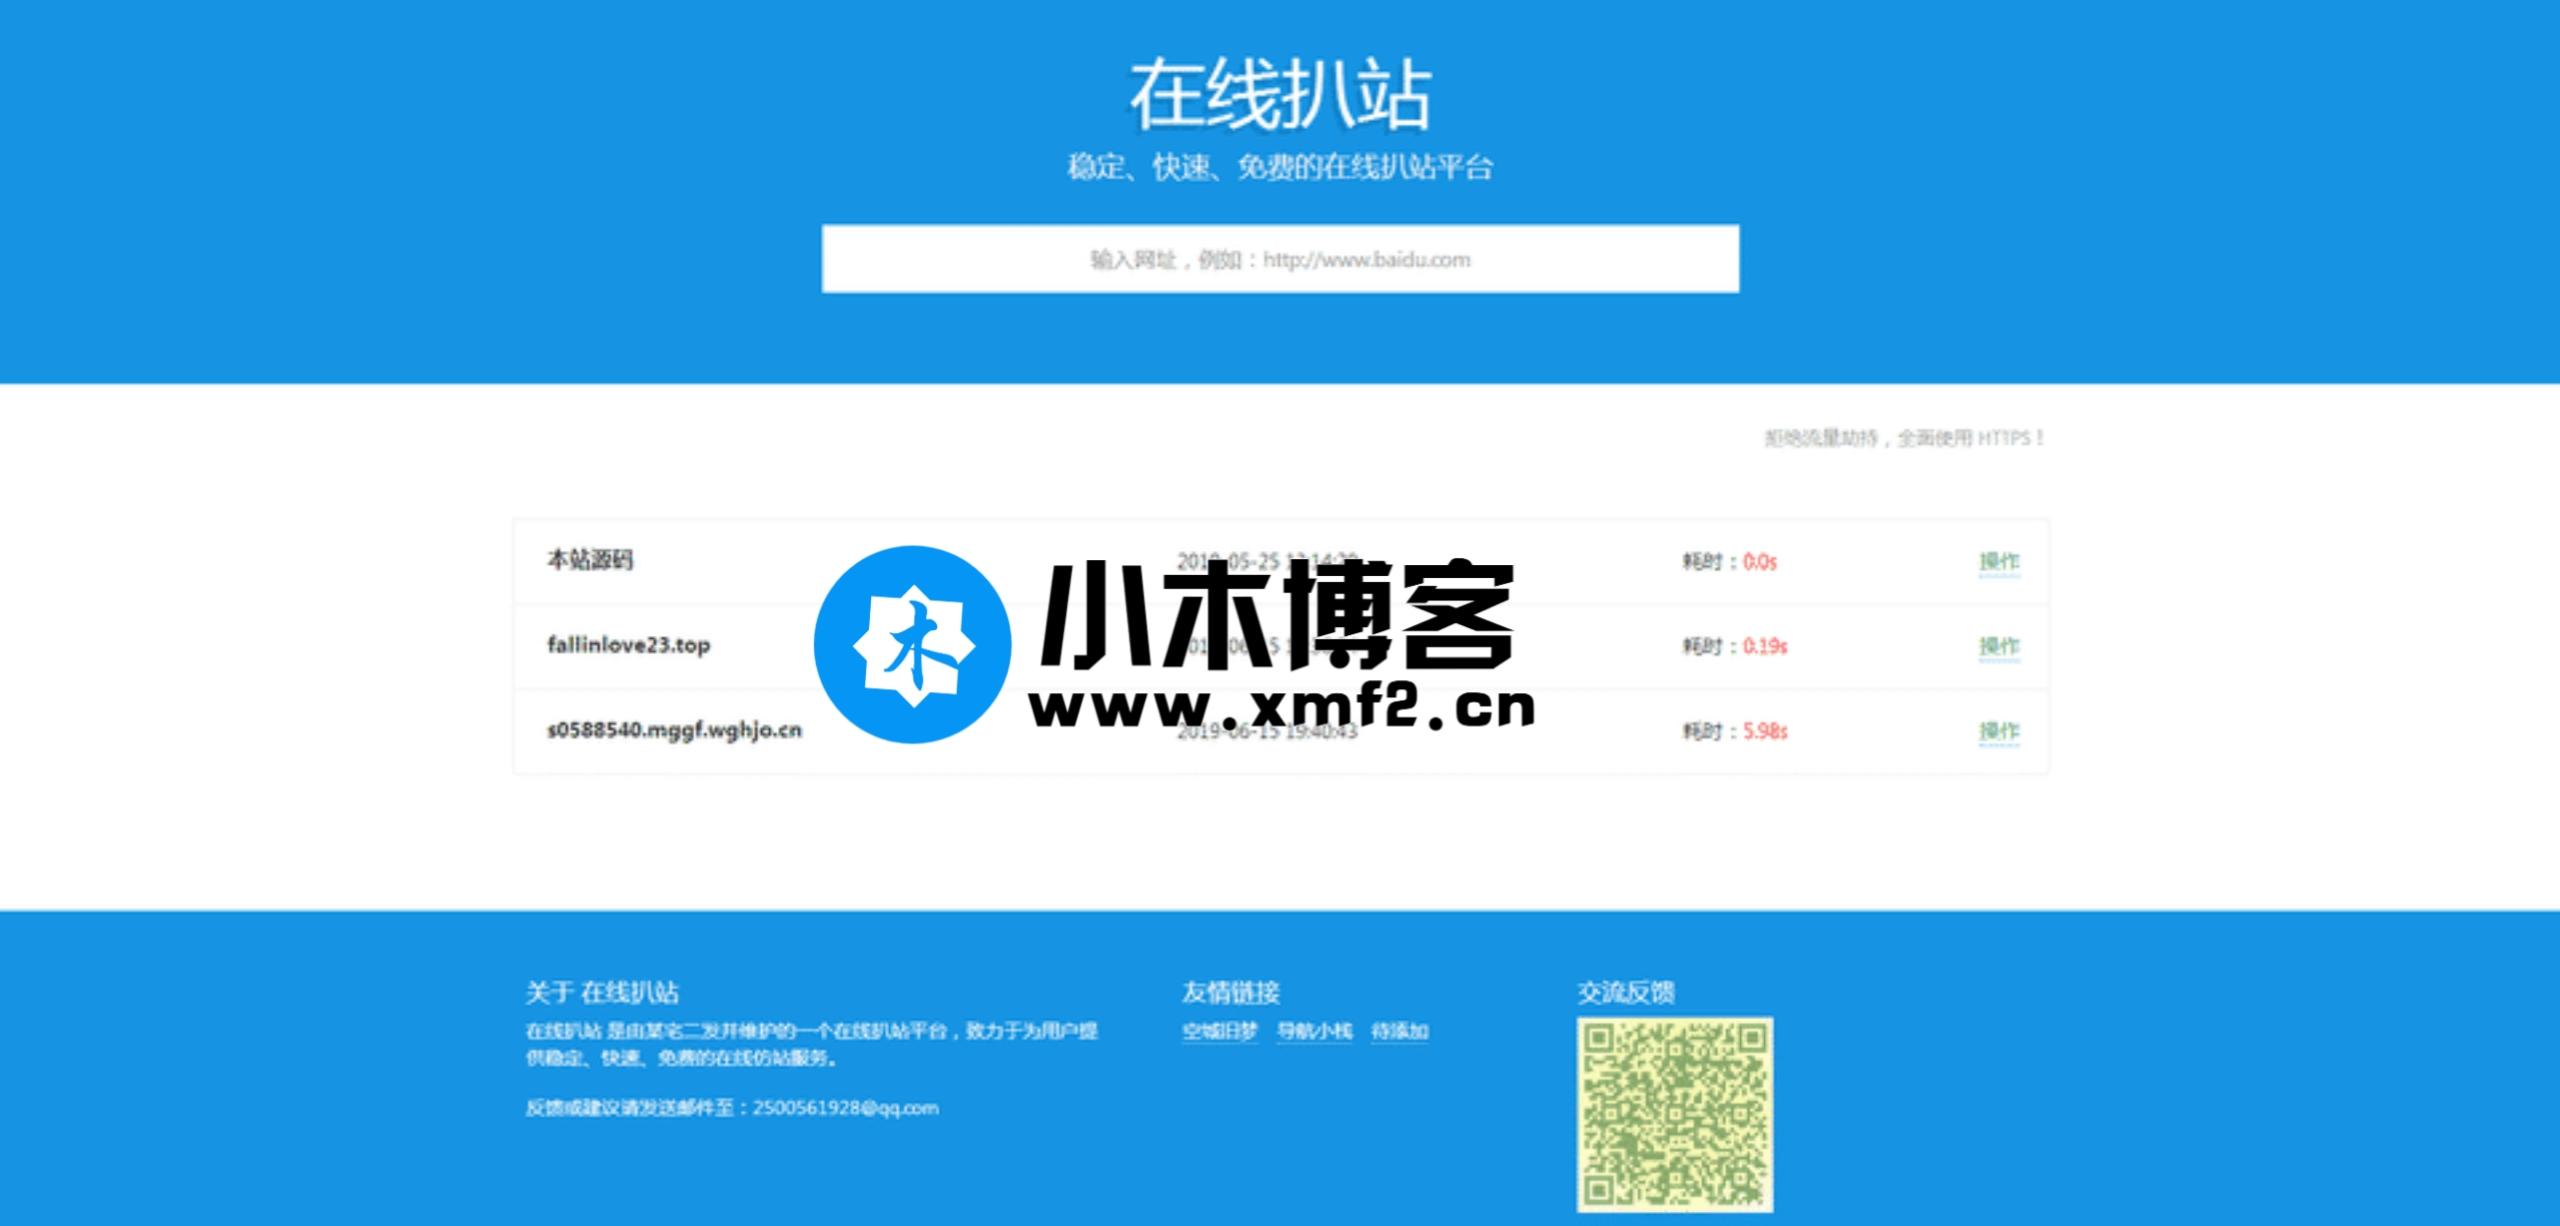 在线扒站工具PHP网站源码